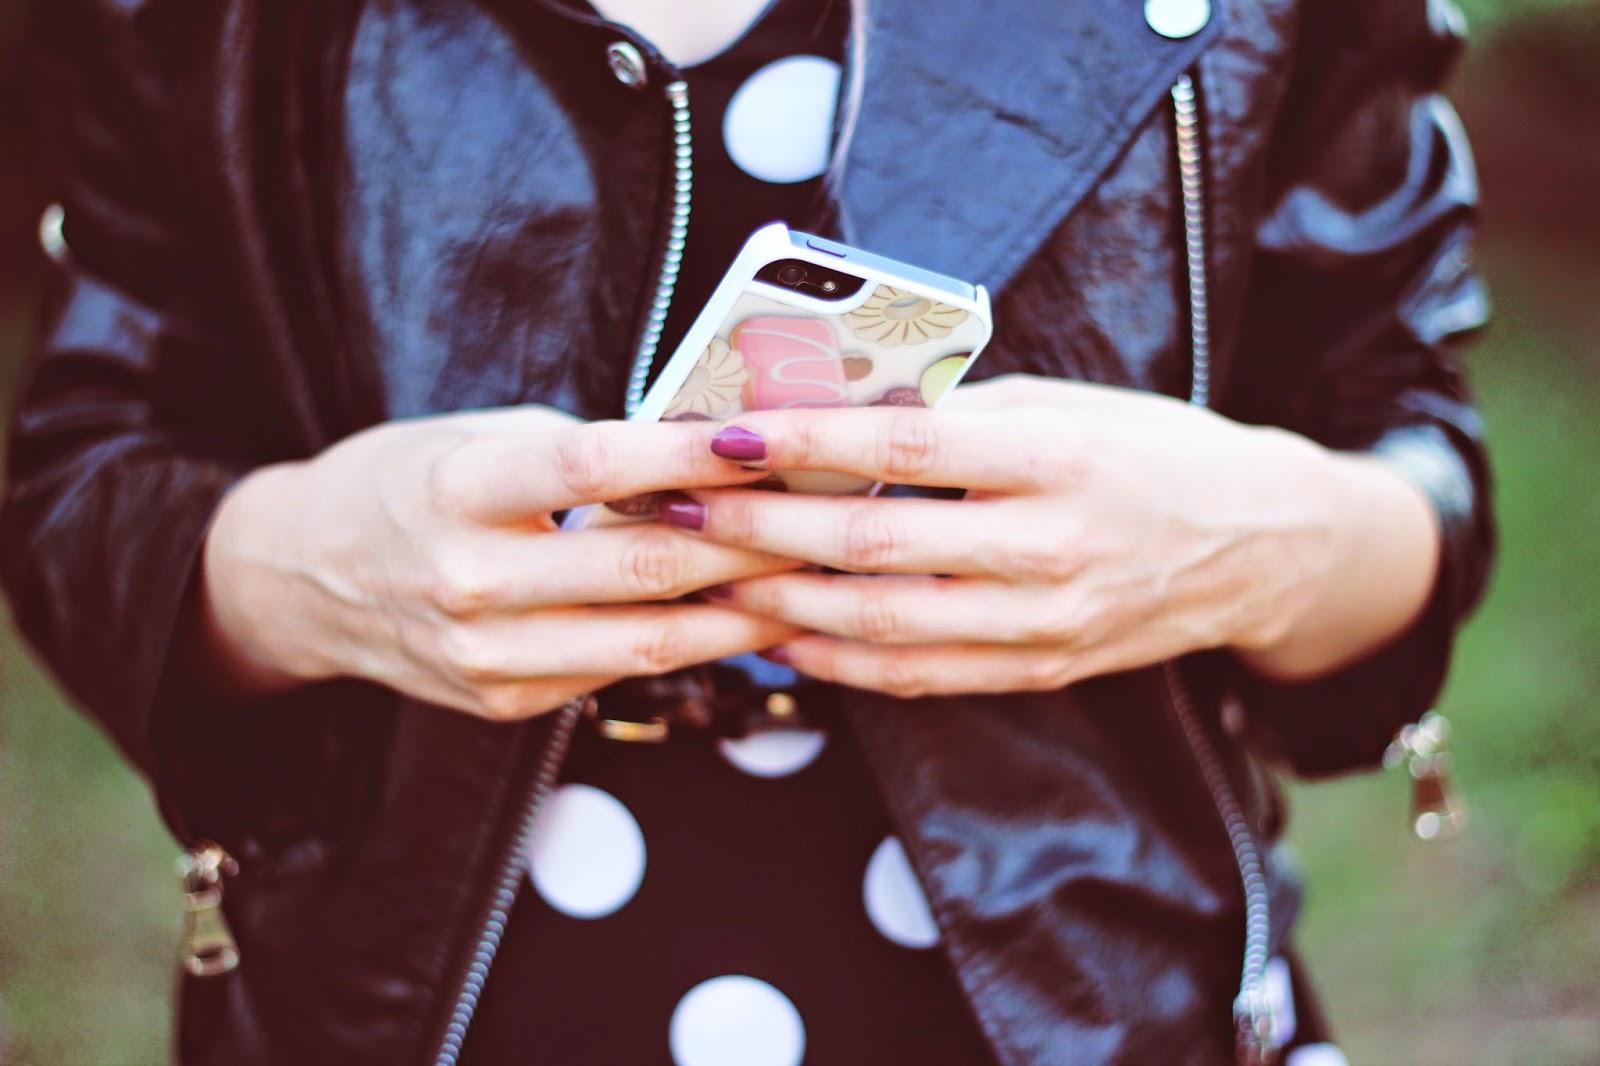 Popular youtube design star html html html html html html html - Instagram Anitakurkach Blogpost Anitakurkach Blogspot Com 2014 08 Polka Dot Html Youtube Channel Youtube Com User Anitakurkach